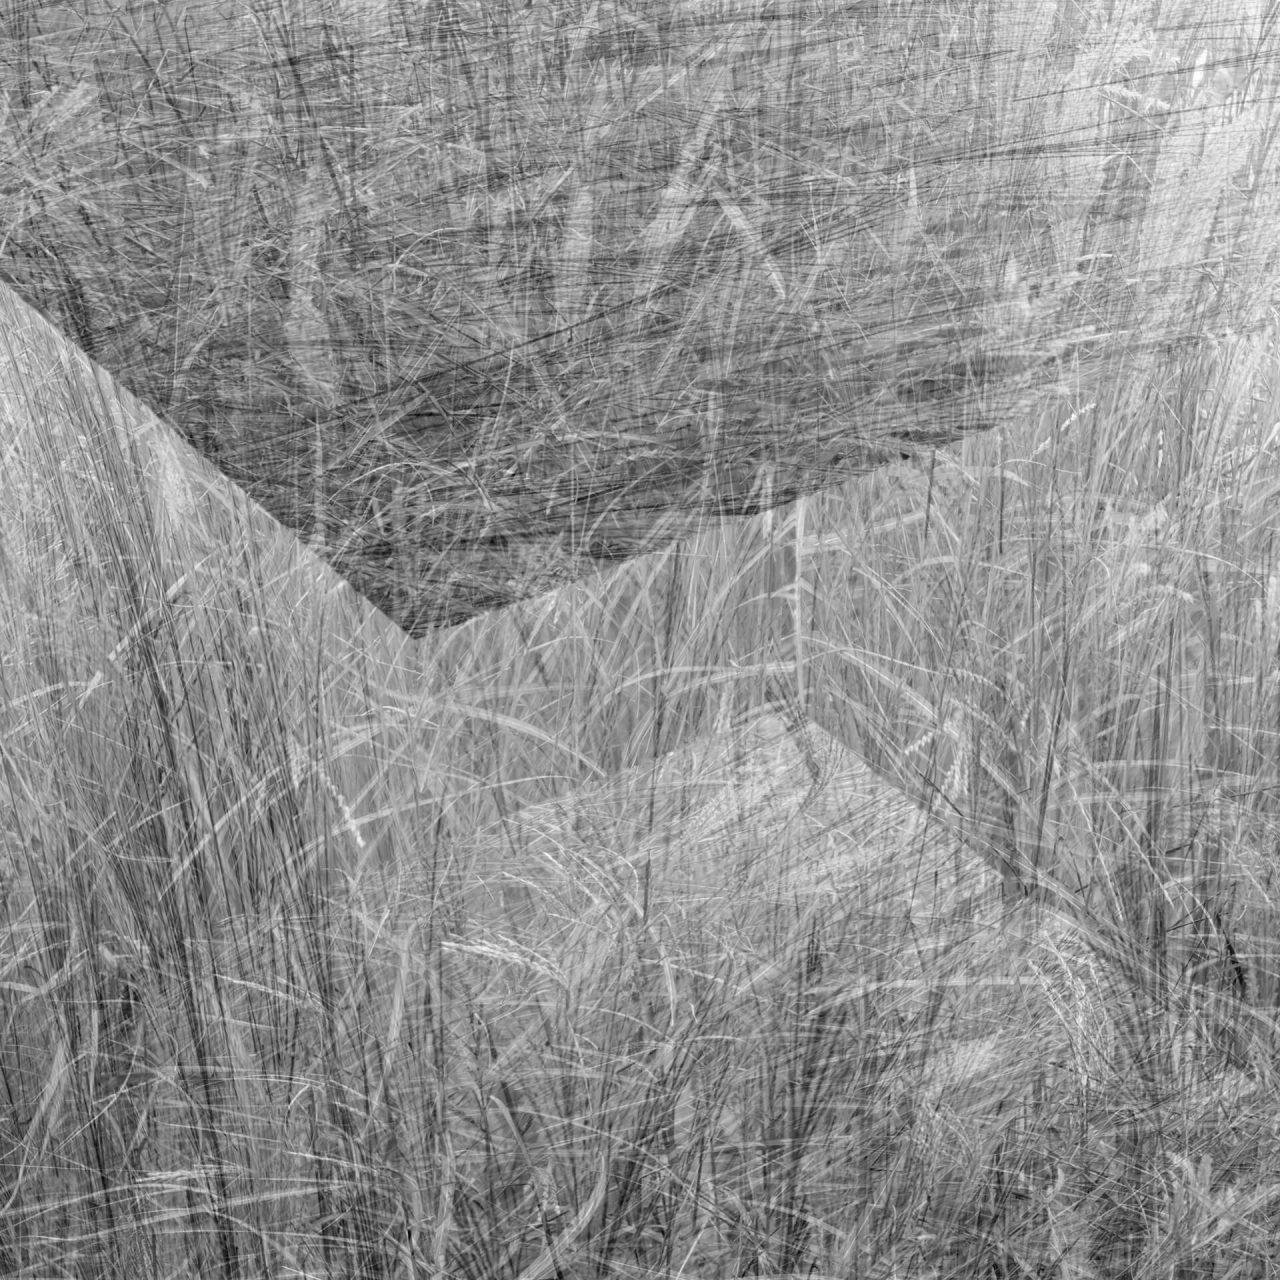 Eyal-Pinkas-Regardening-1-1280x1280